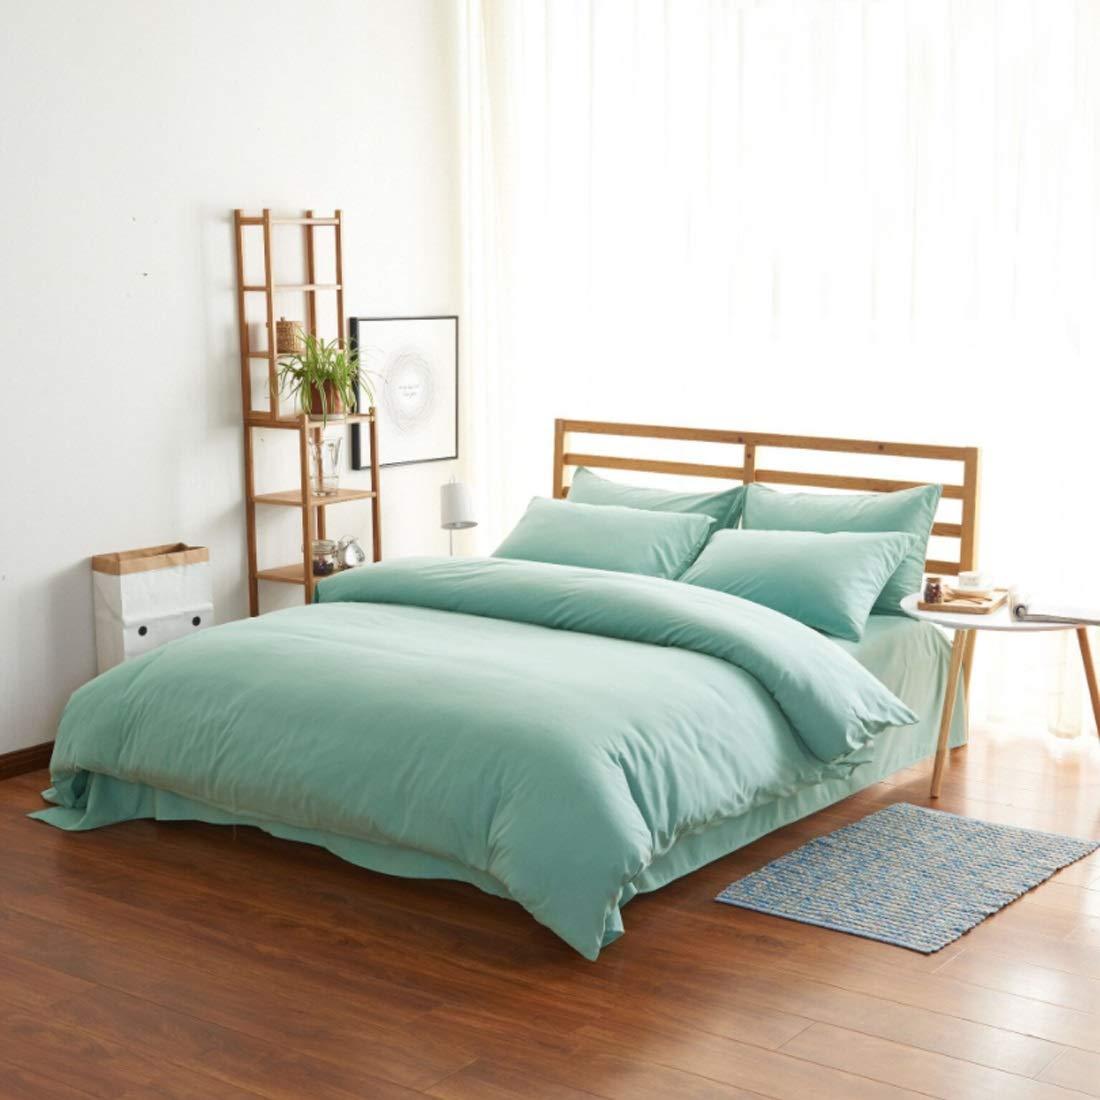 ノウ建材貿易 家の内装のための寝具の4つの綿の高級高密度のブラシを掛けた枕カバーの4つのセット (色 : オレンジ, サイズ : 150*200CM) B07TCMKJ5L